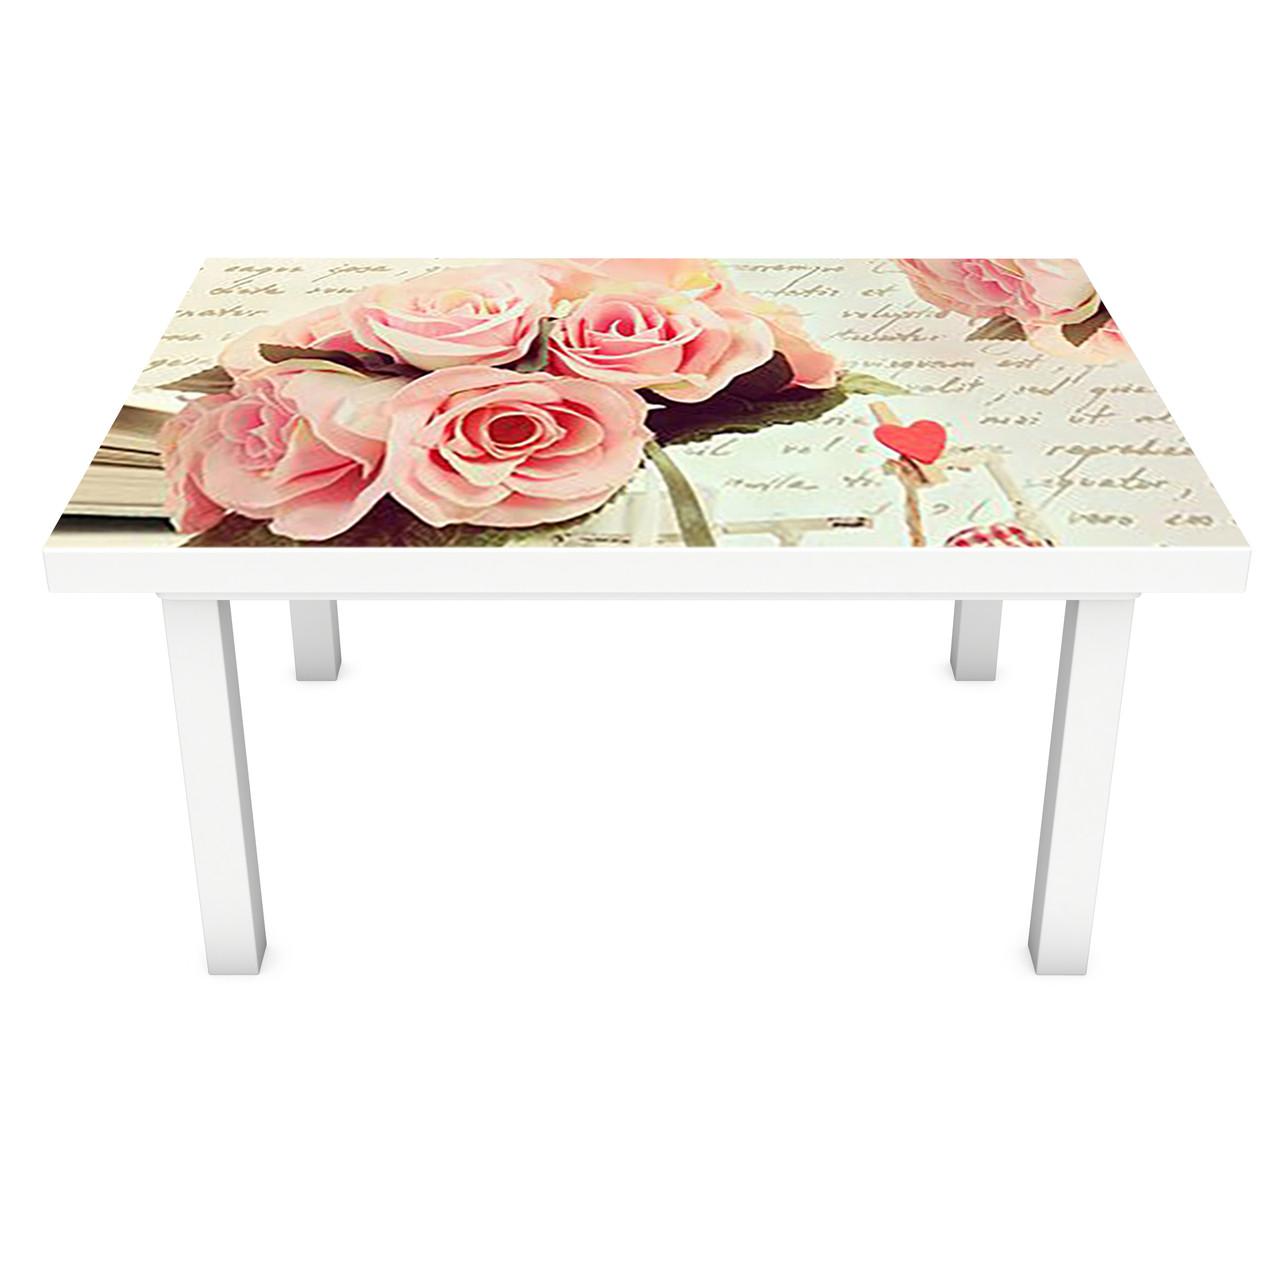 Наклейка на стіл Лист і Рози ПВХ інтер'єрна плівка для меблів квіти написи Рожевий 600*1200 мм